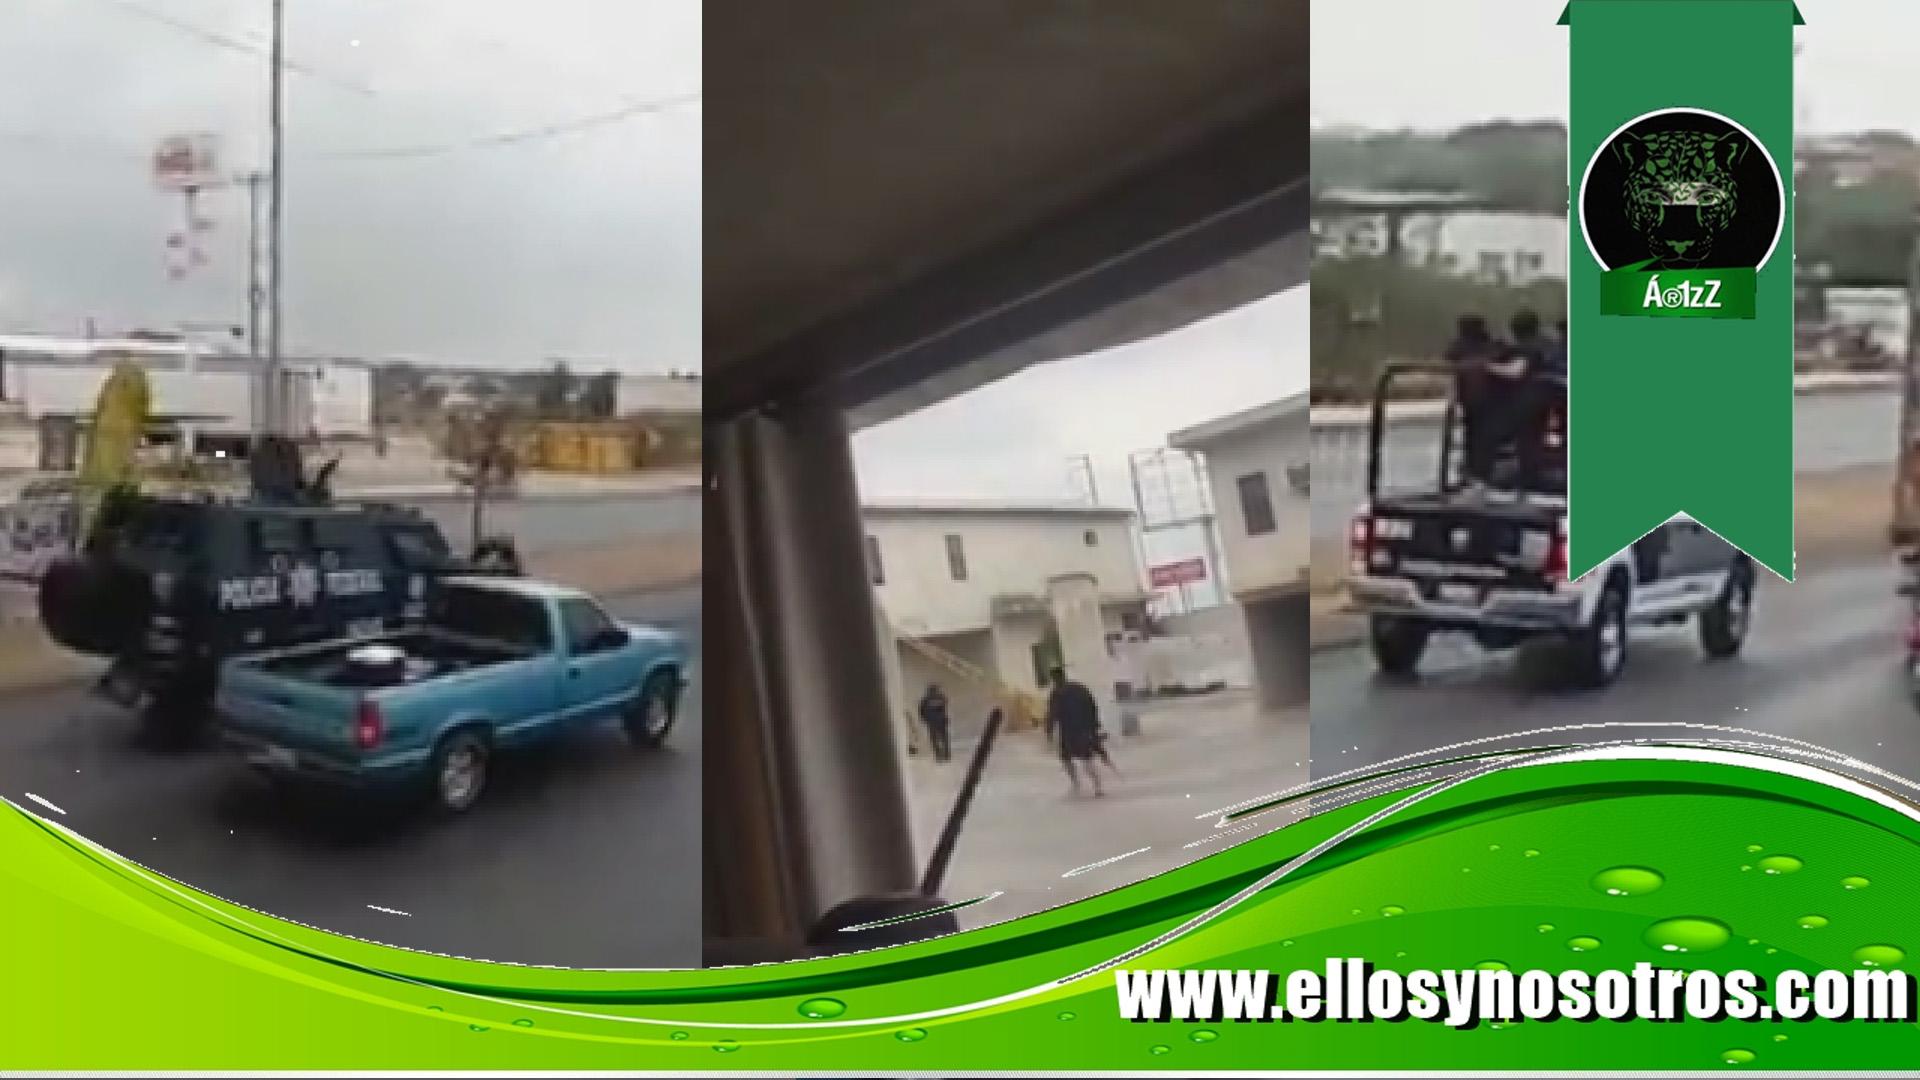 #ReynosaFollow: 5 muertos y dos heridos. Prosiguen las balaceras y la tensión.